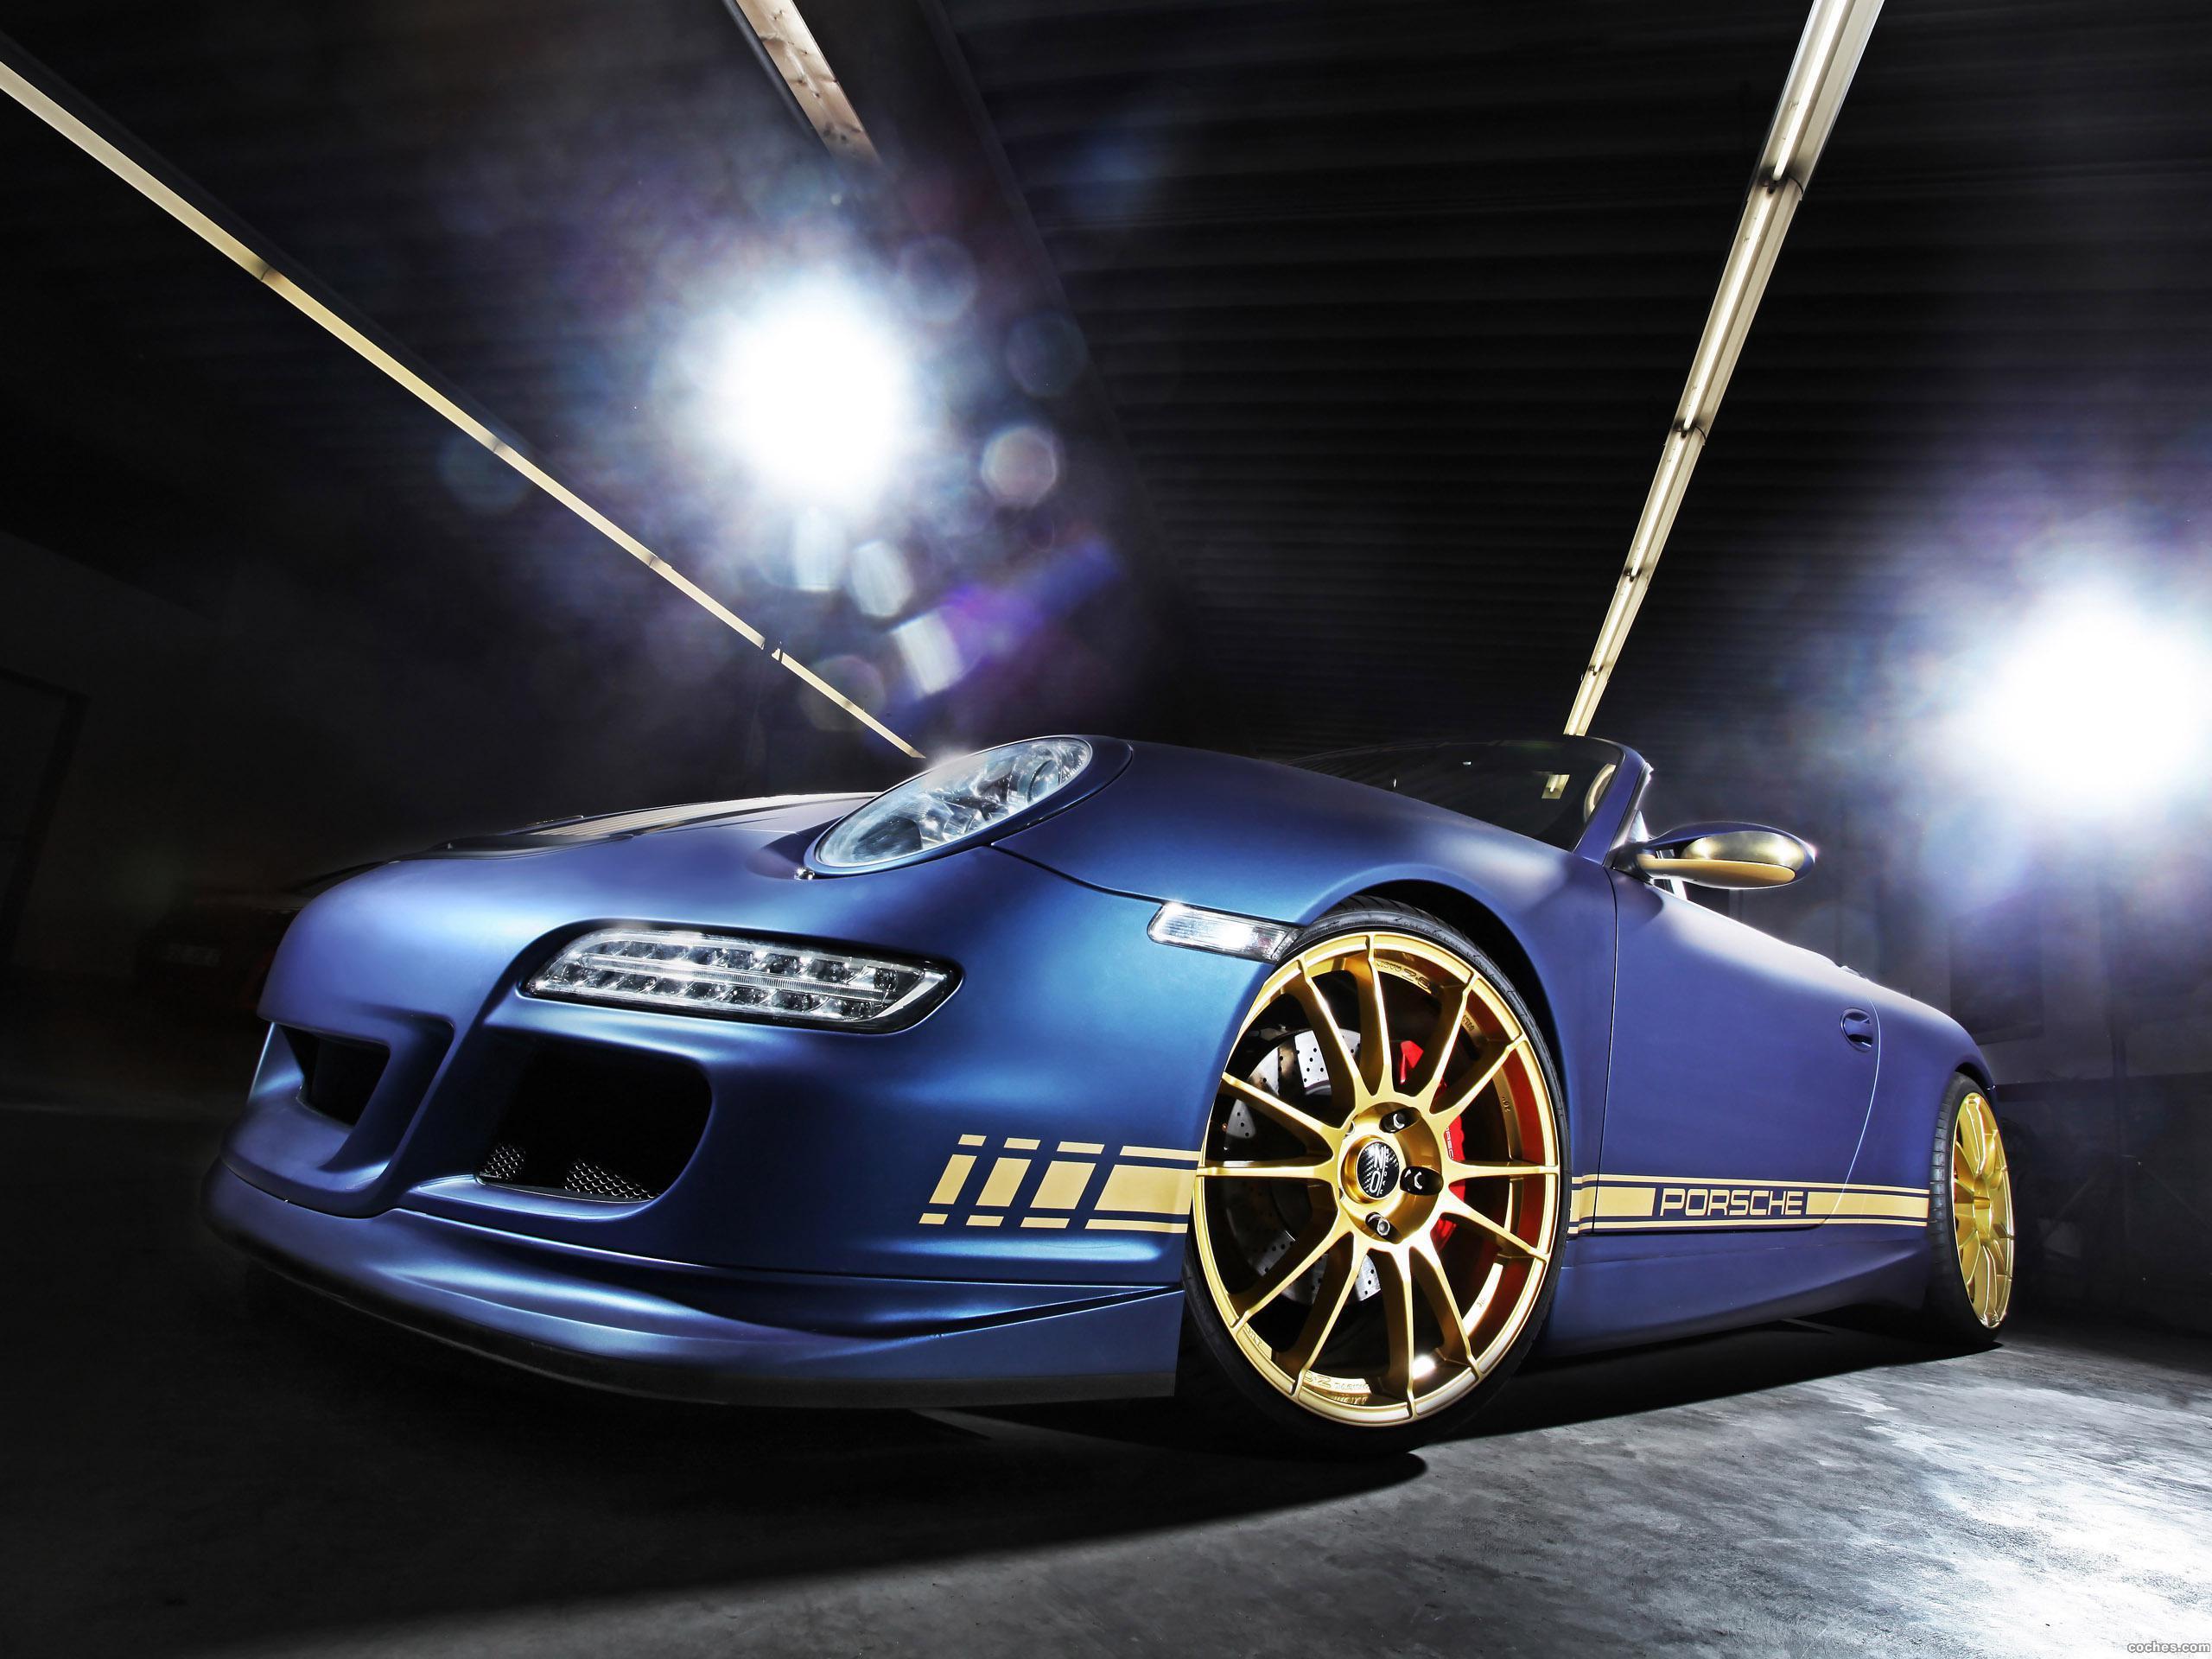 Foto 7 de Porsche Cam Shaft 911 Carrera S Cabriolet 997 2014